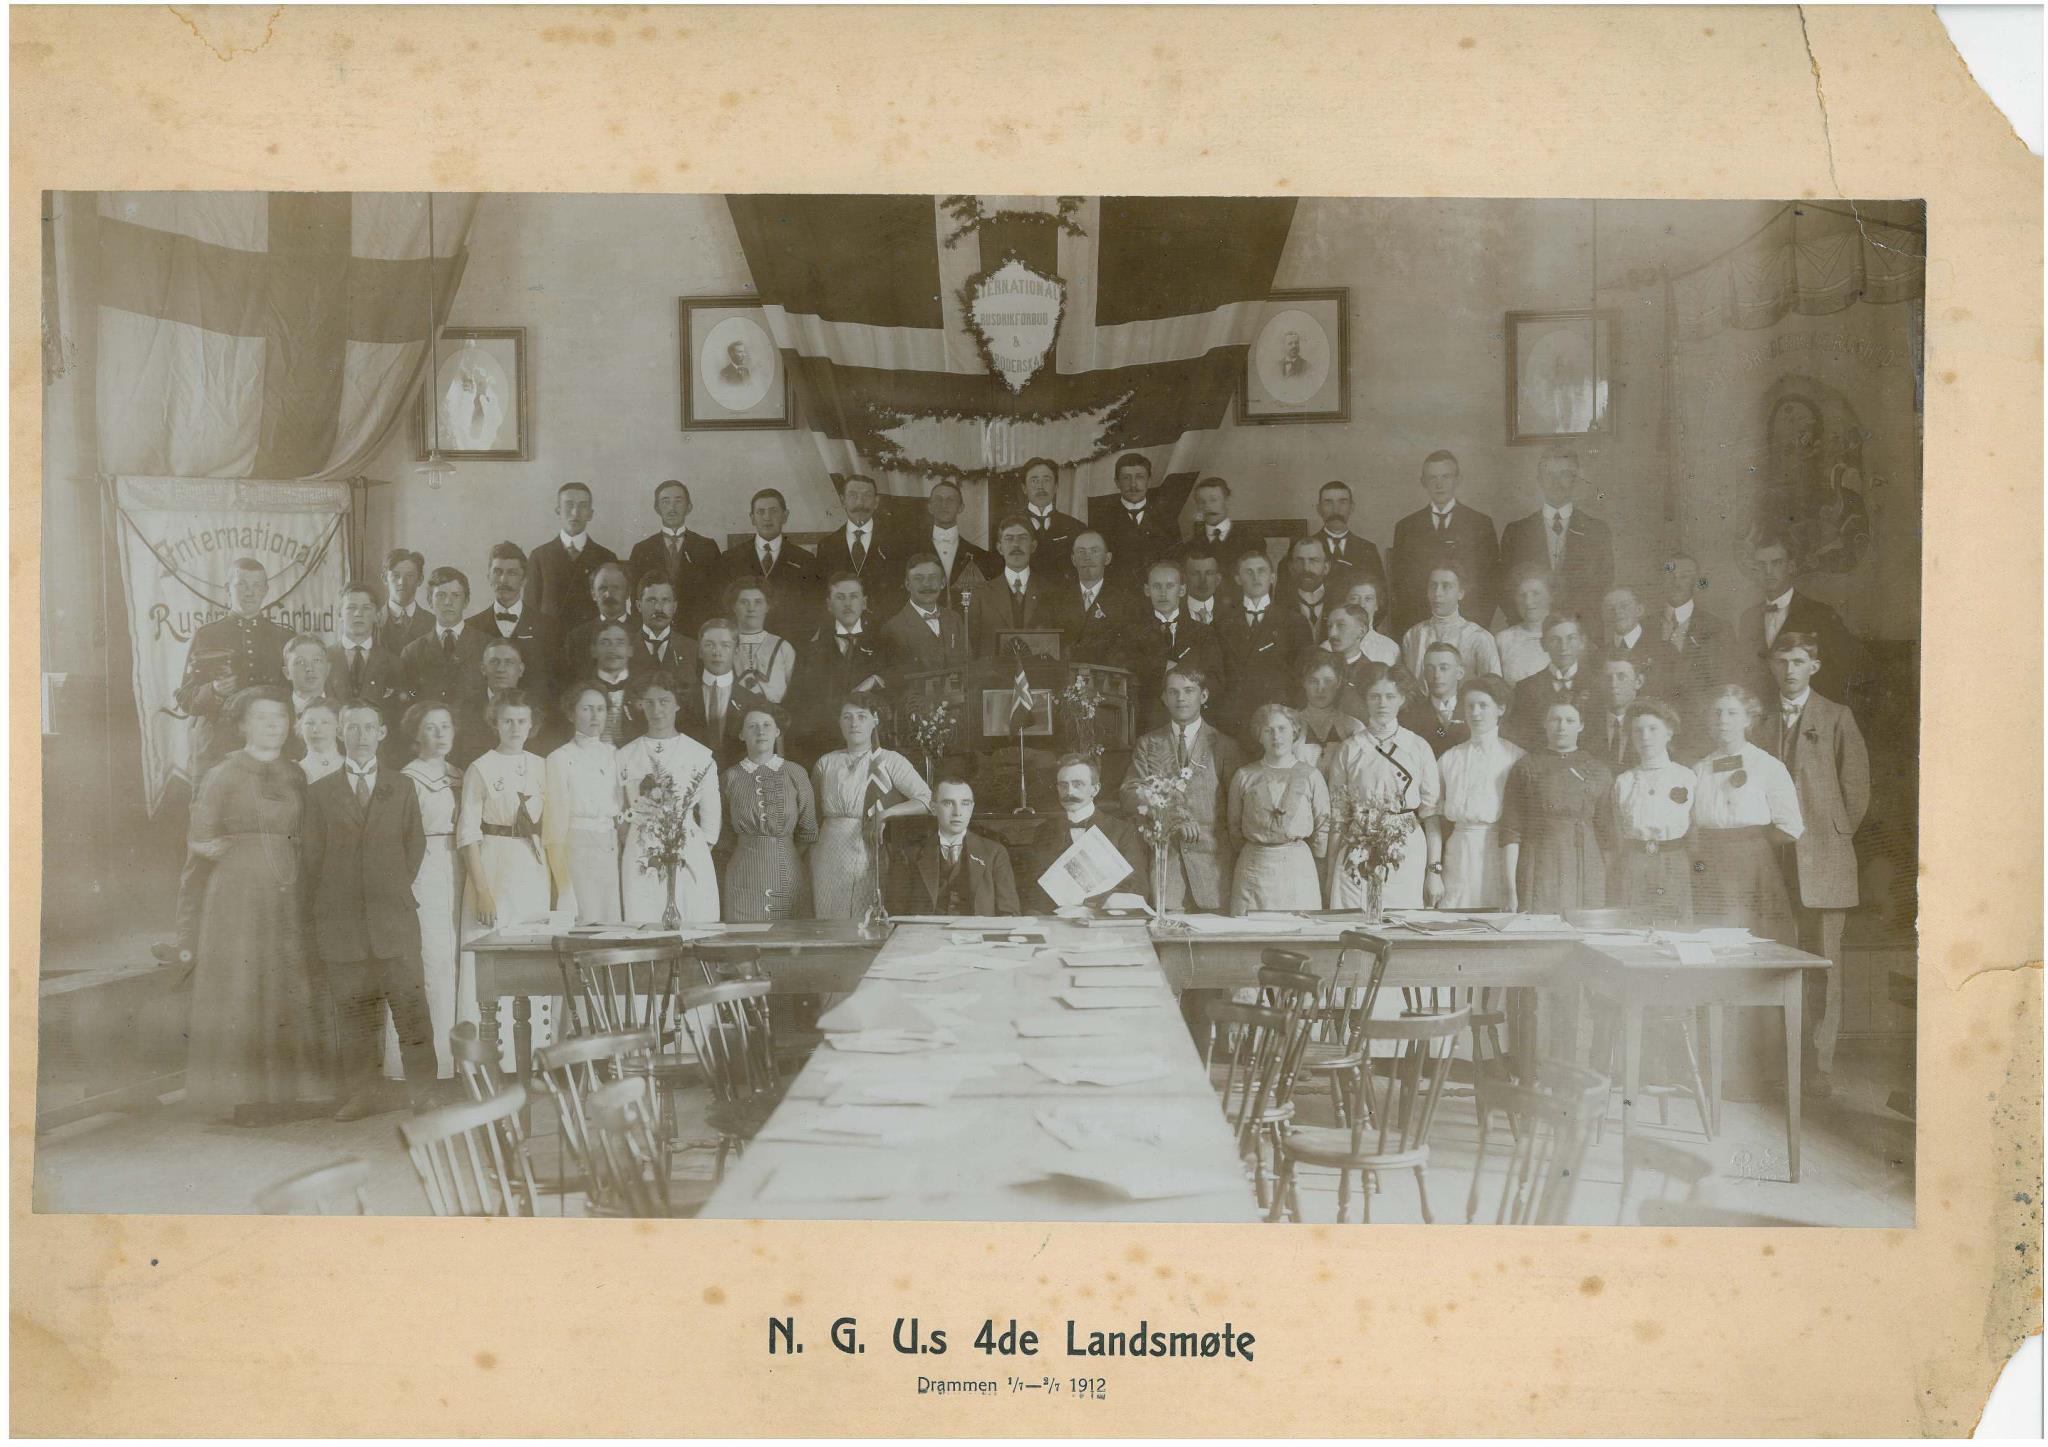 NGUs fjerde landsmøte i Drammen i 1912